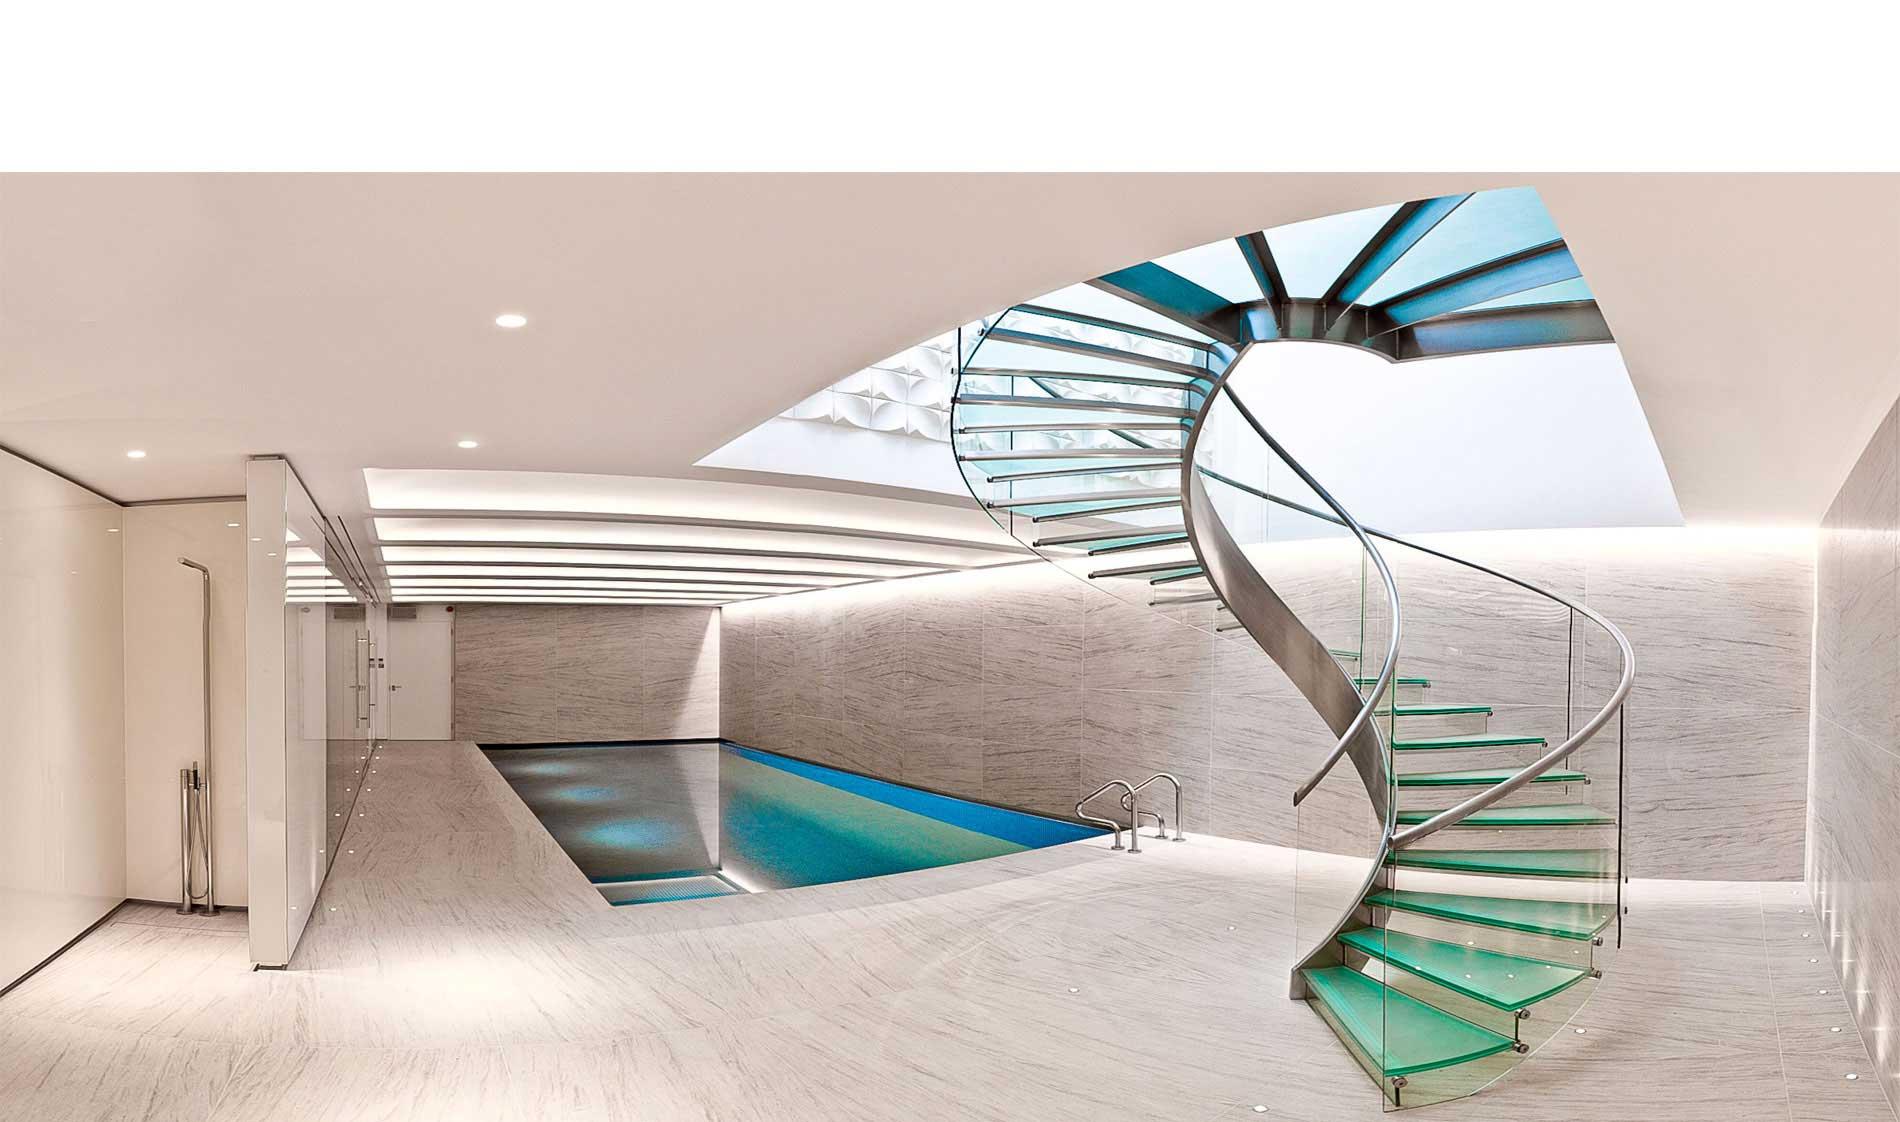 پله گرد سافلکو - پله دوبلکس ، پله گرد ، پله پیچ و انواع پله های فلزی